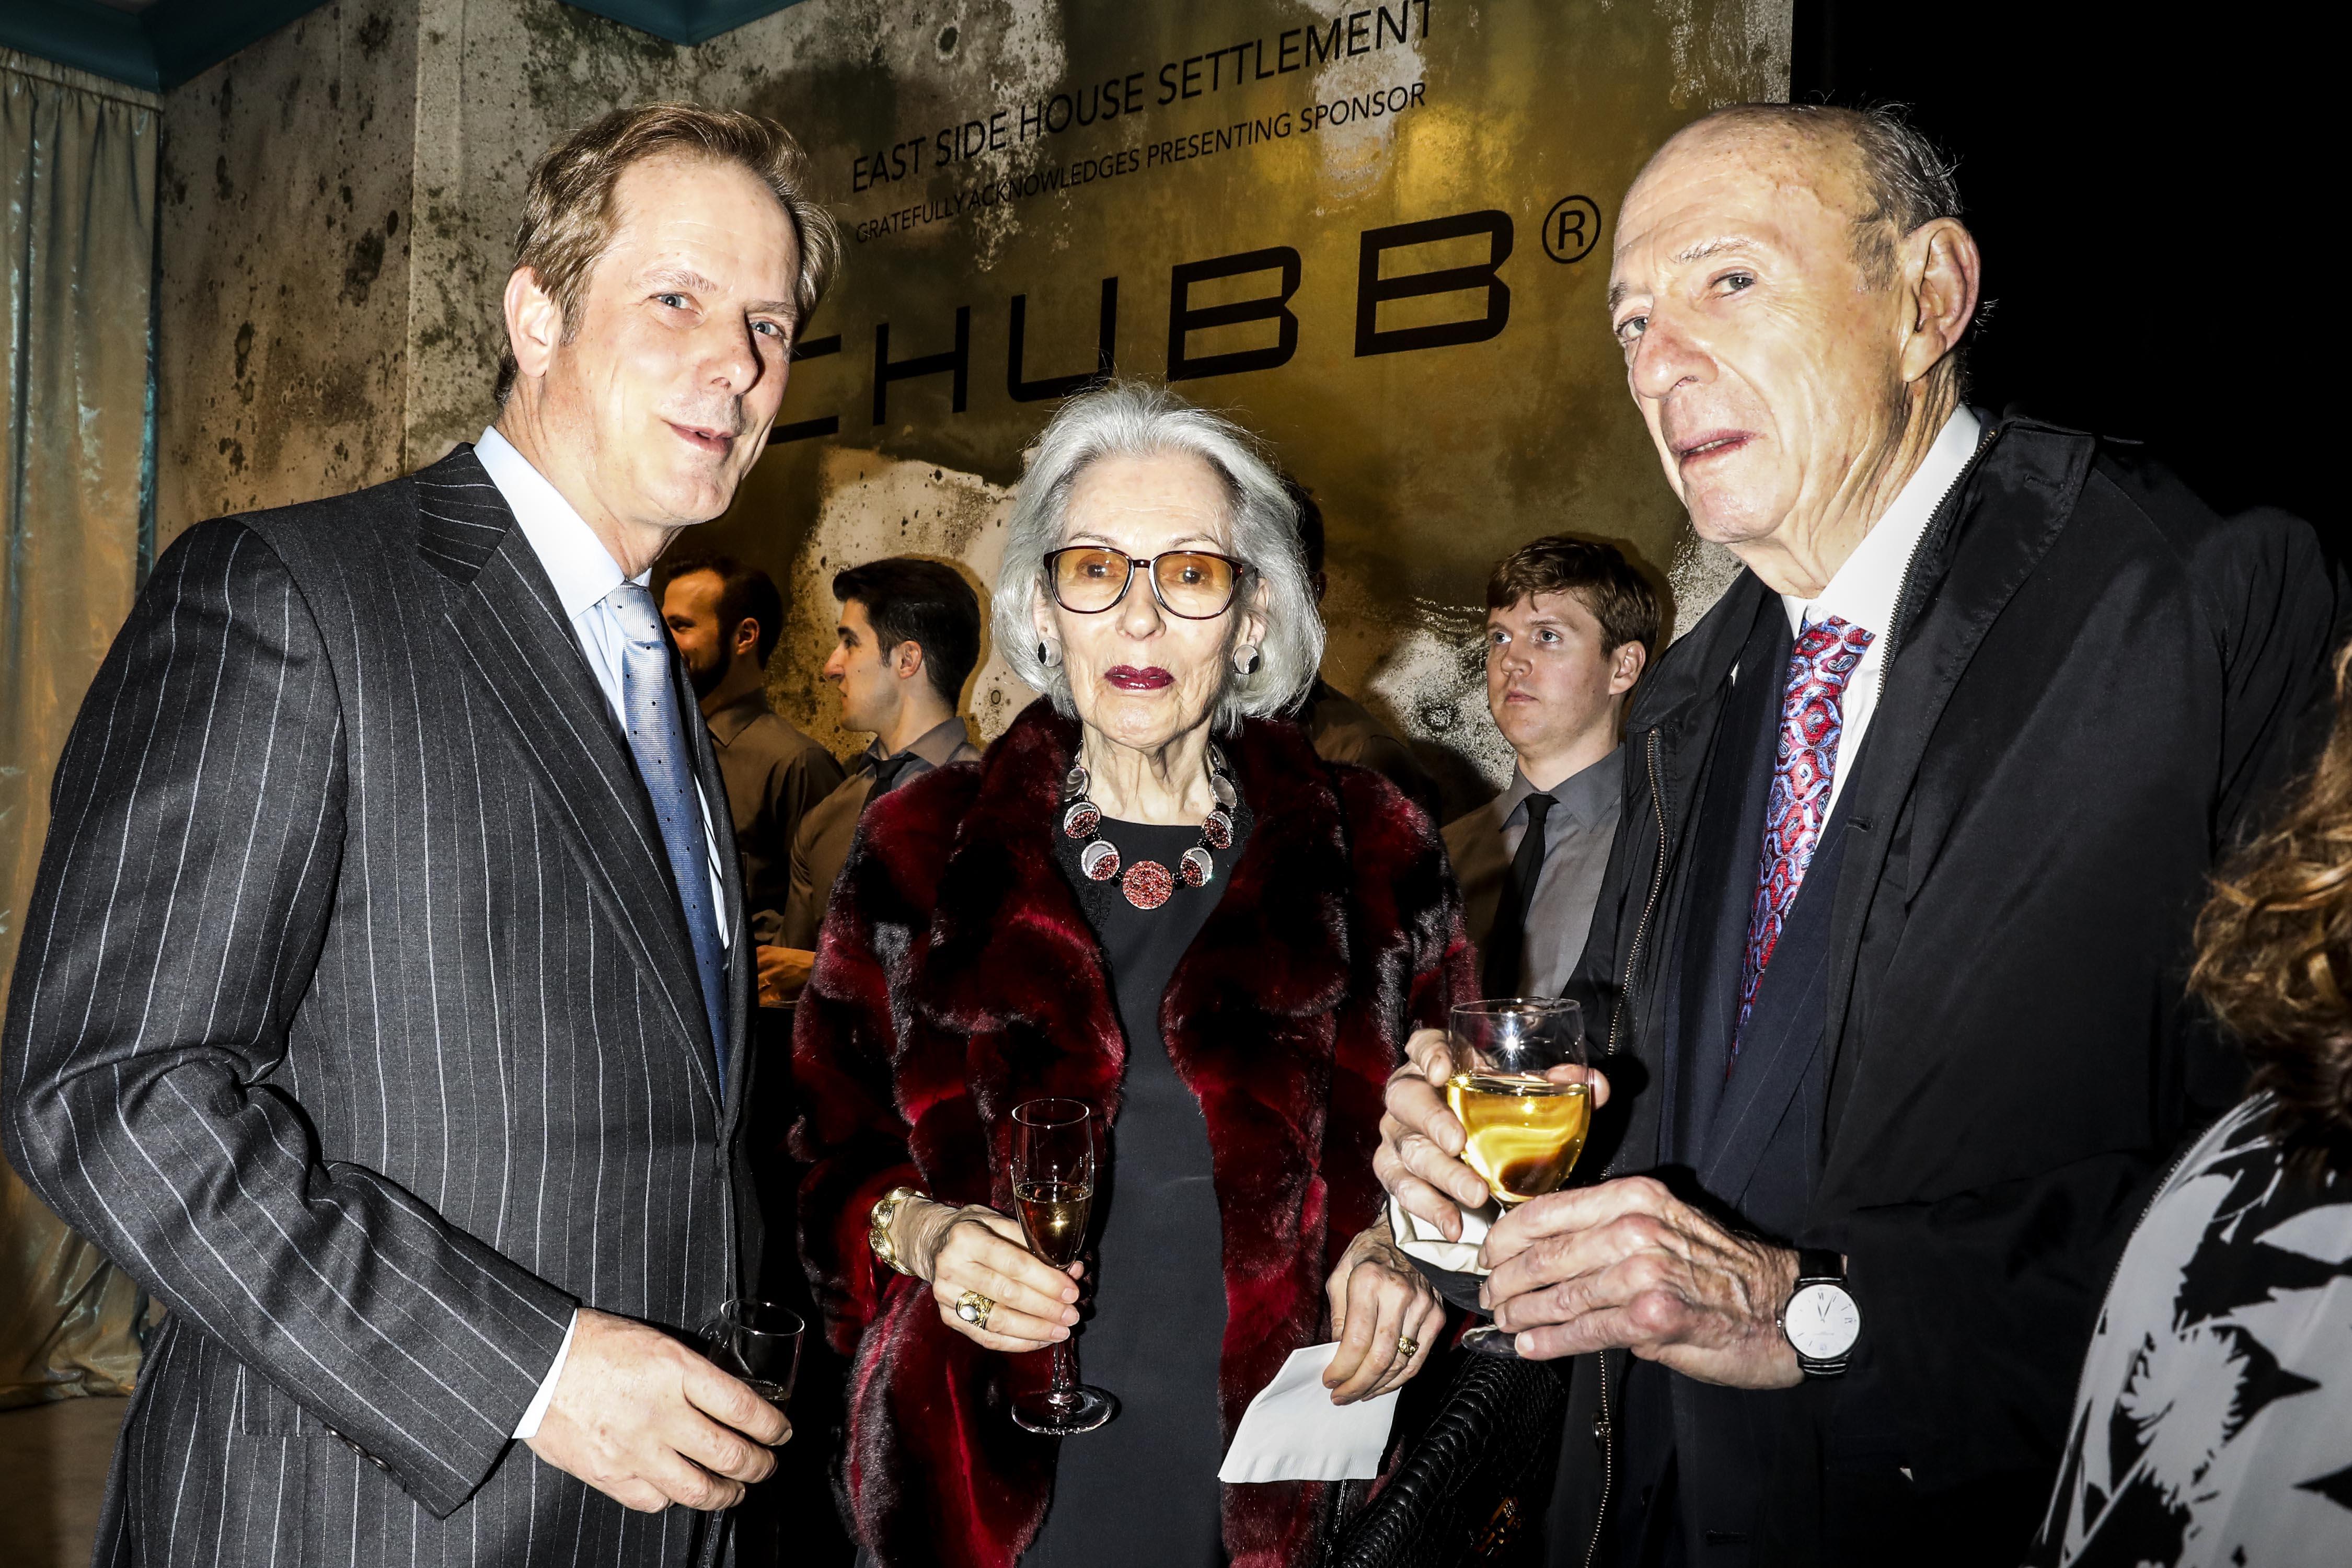 托伯(右)與妻子(中)是著名大慈 善家;照片攝於2017年的晚會派 對。 Krista Schlueter/紐約時報